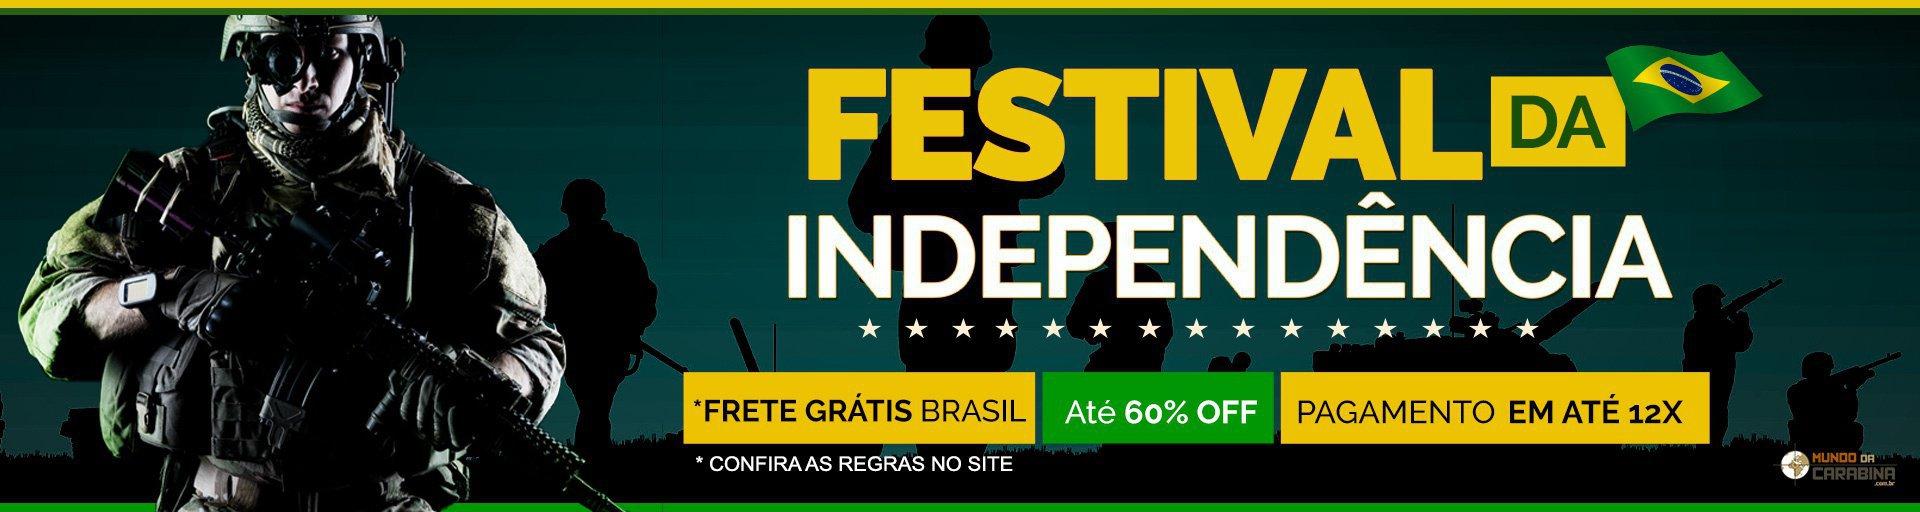 Festival da Independência